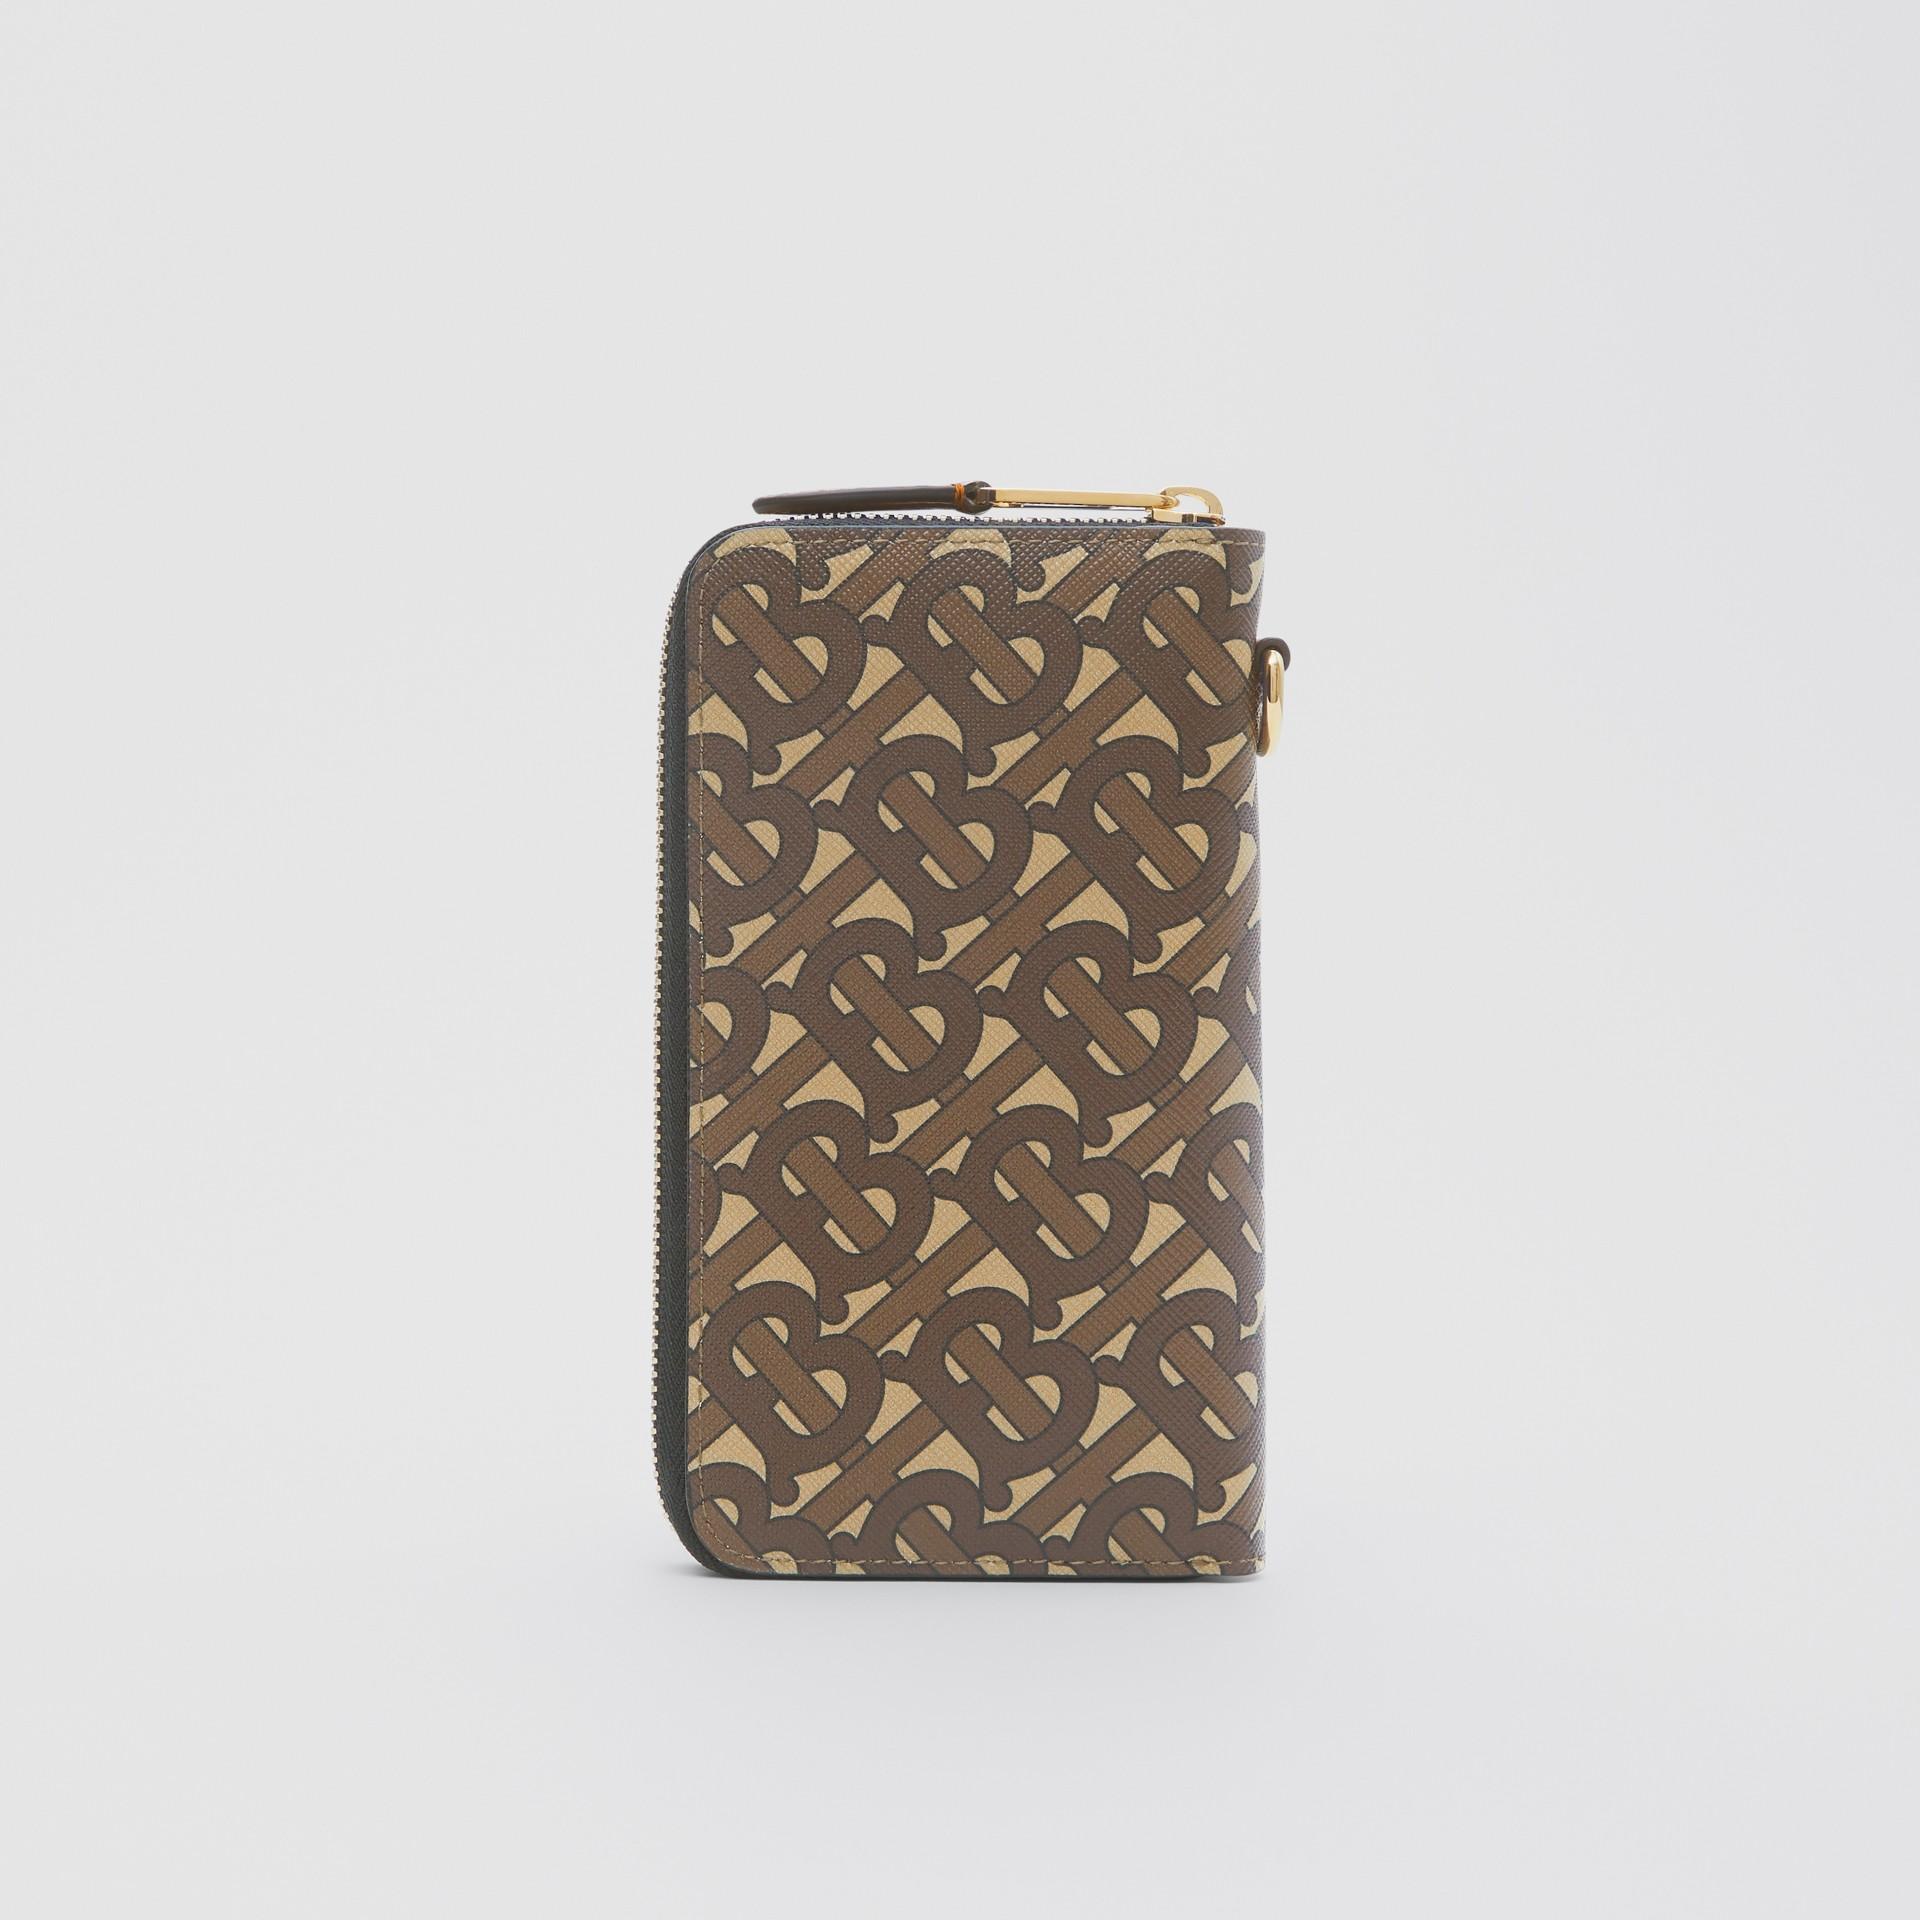 모노그램 프린트 E-캔버스 휴대폰 지갑 (브라이들 브라운) - 남성 | Burberry - 갤러리 이미지 4